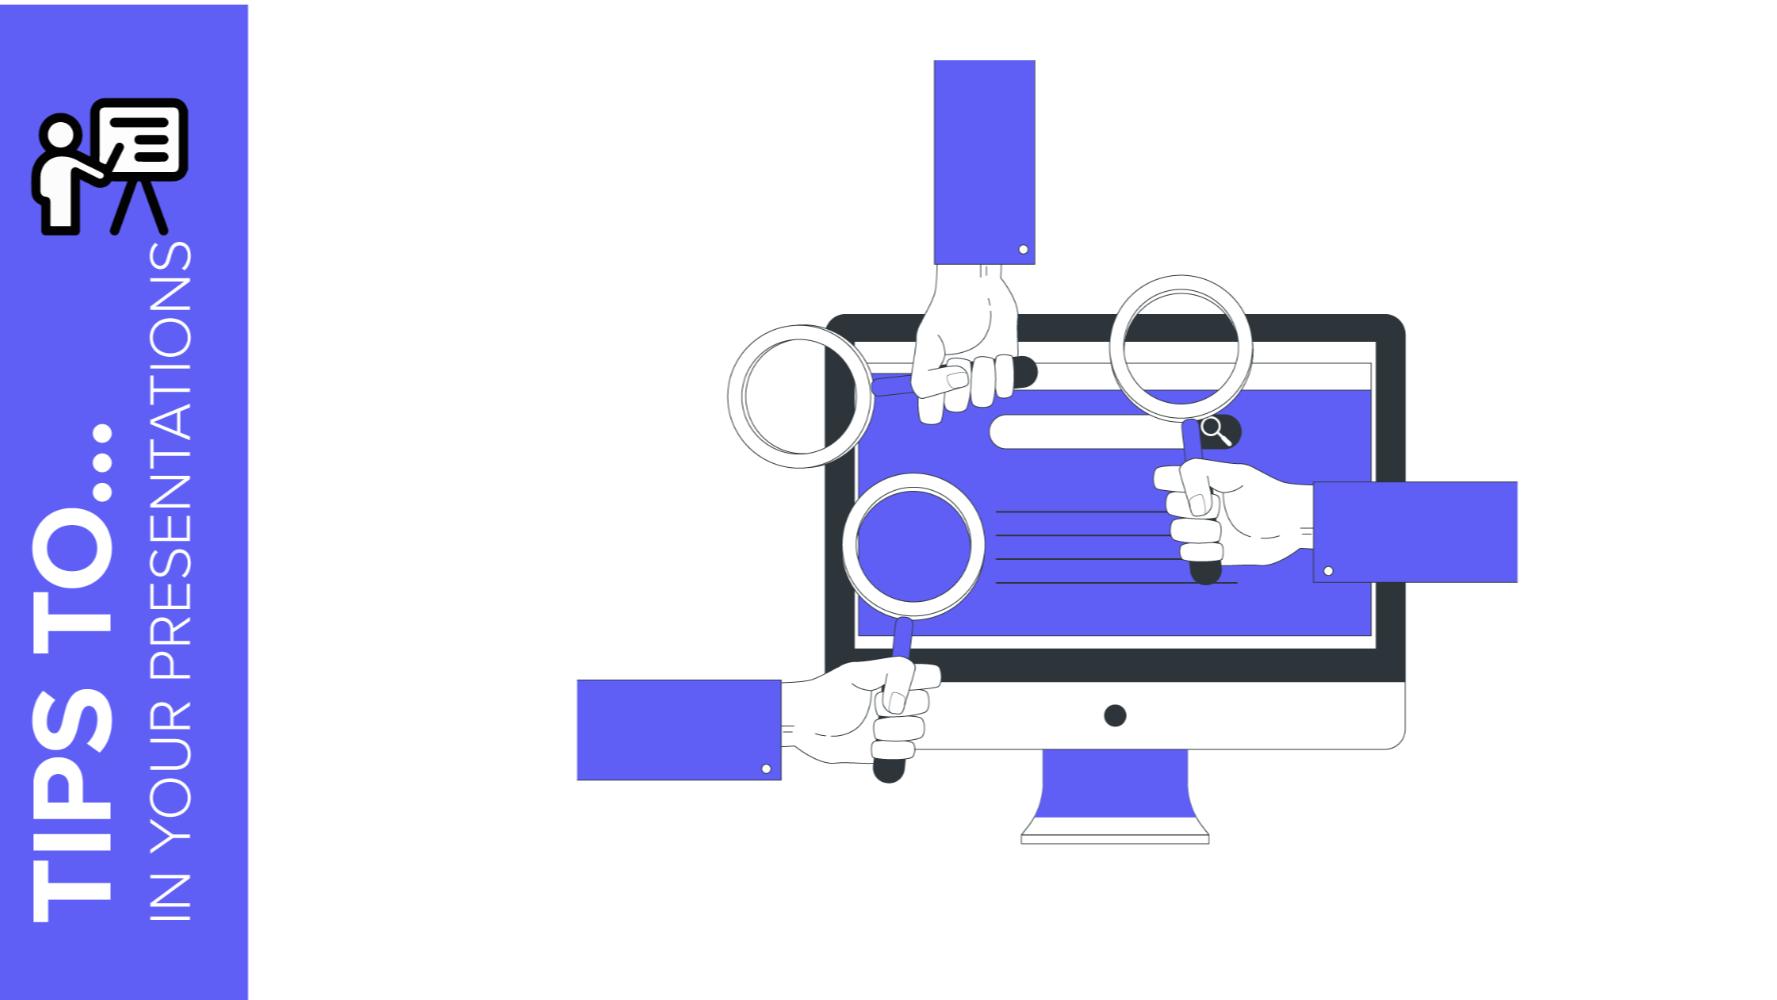 How to Find the Best Presentation Template | Tutoriels et conseils pour vos présentations